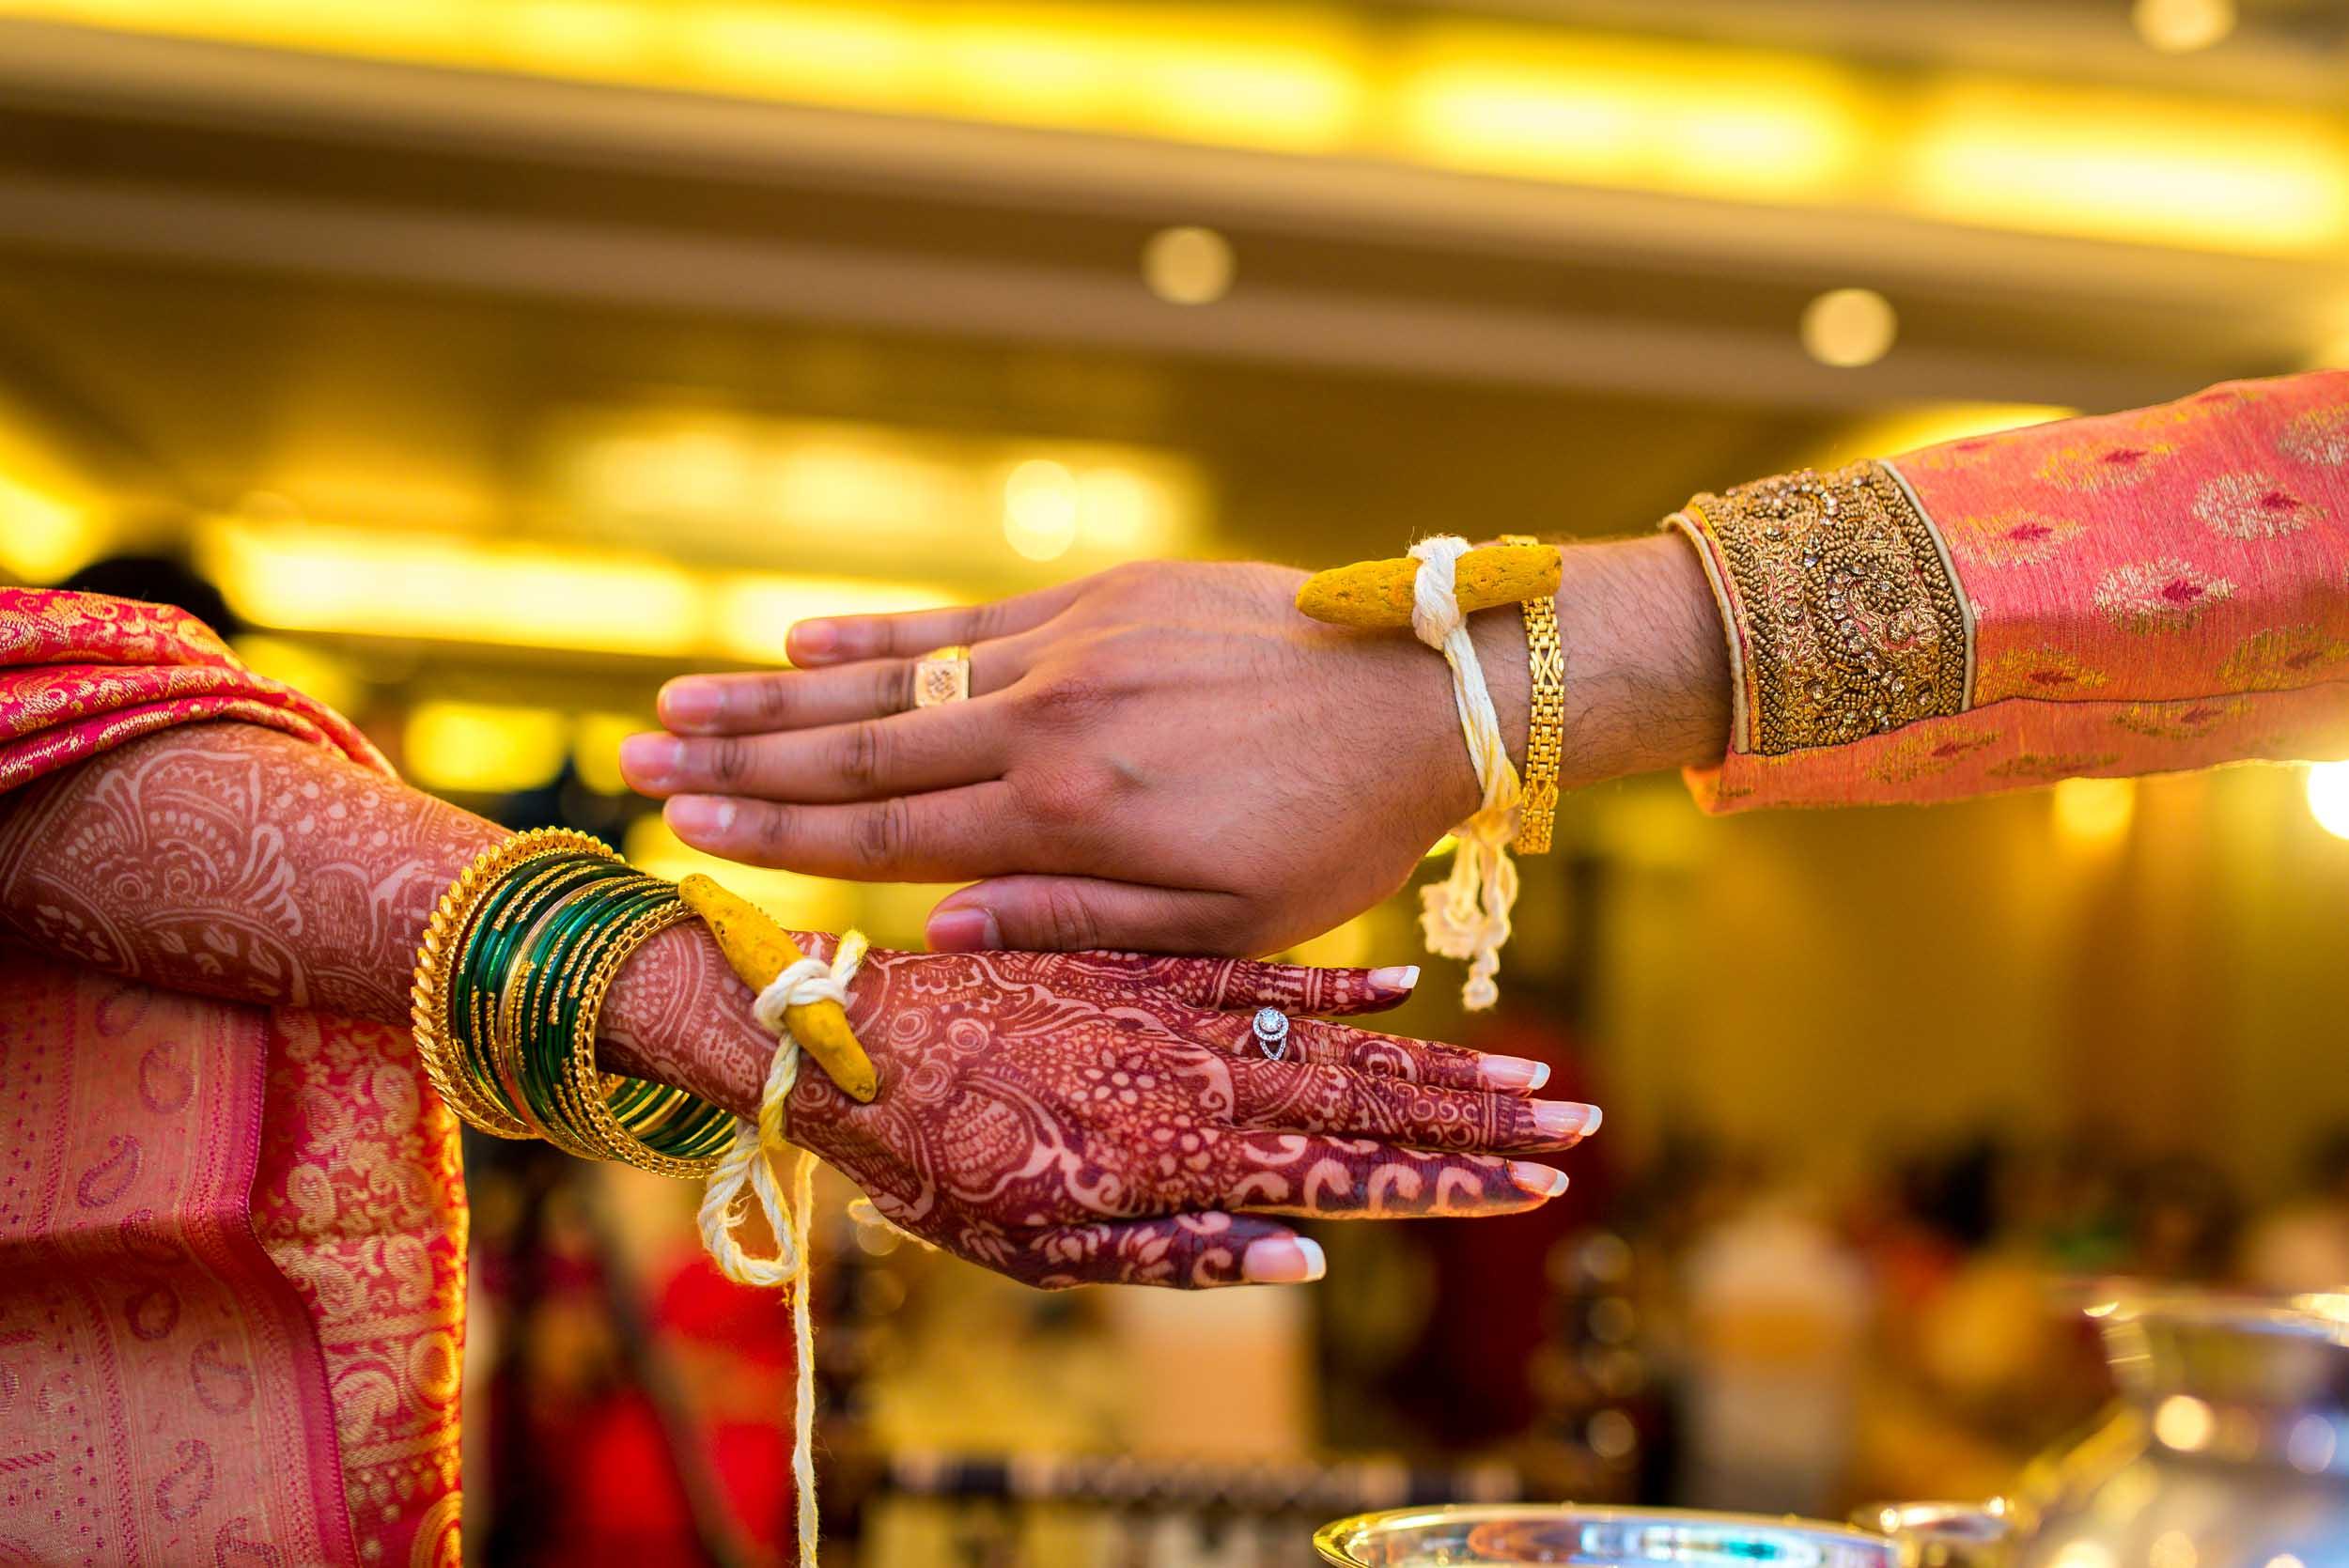 mumbai-pune-wedding-53.jpg